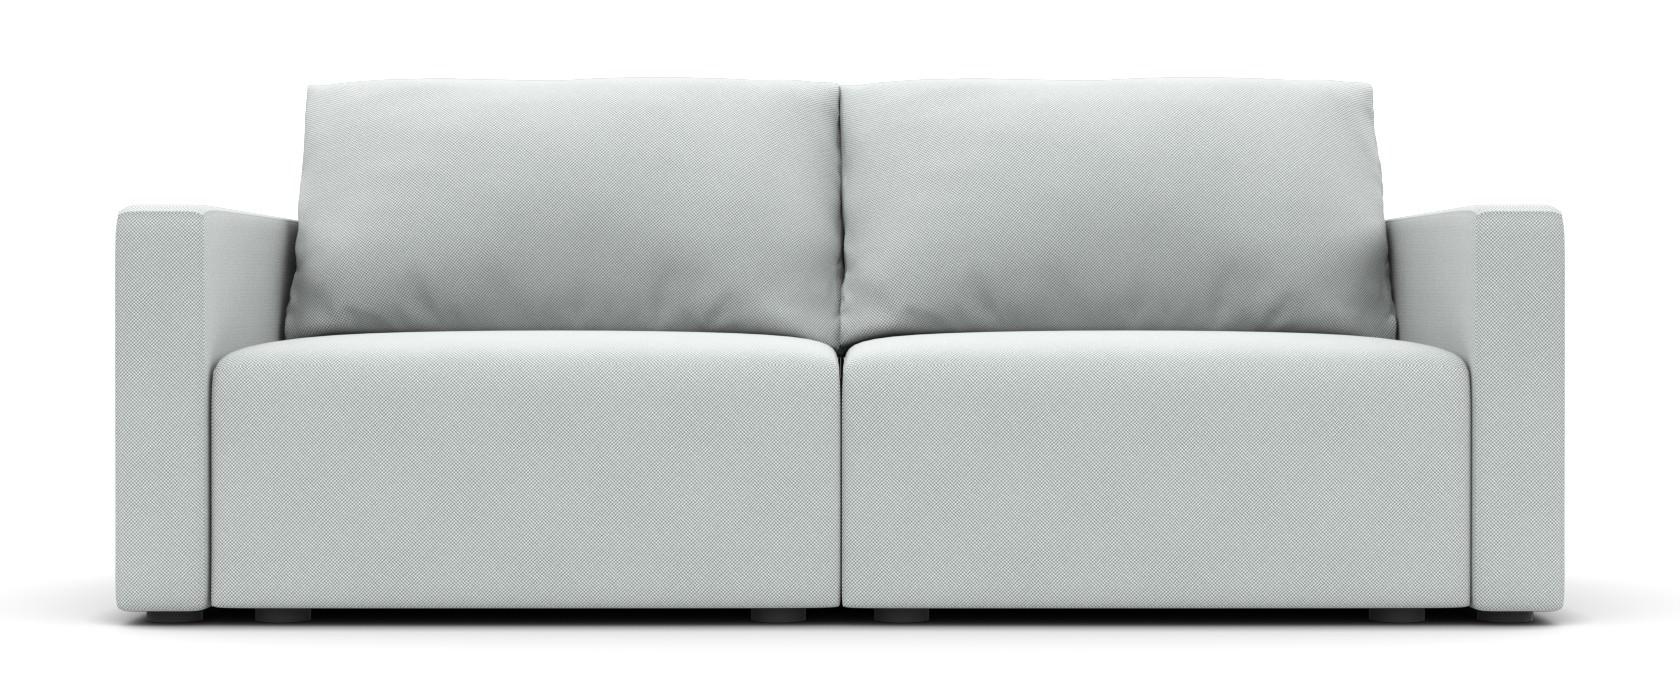 Трехместный диван Greta - Pufetto